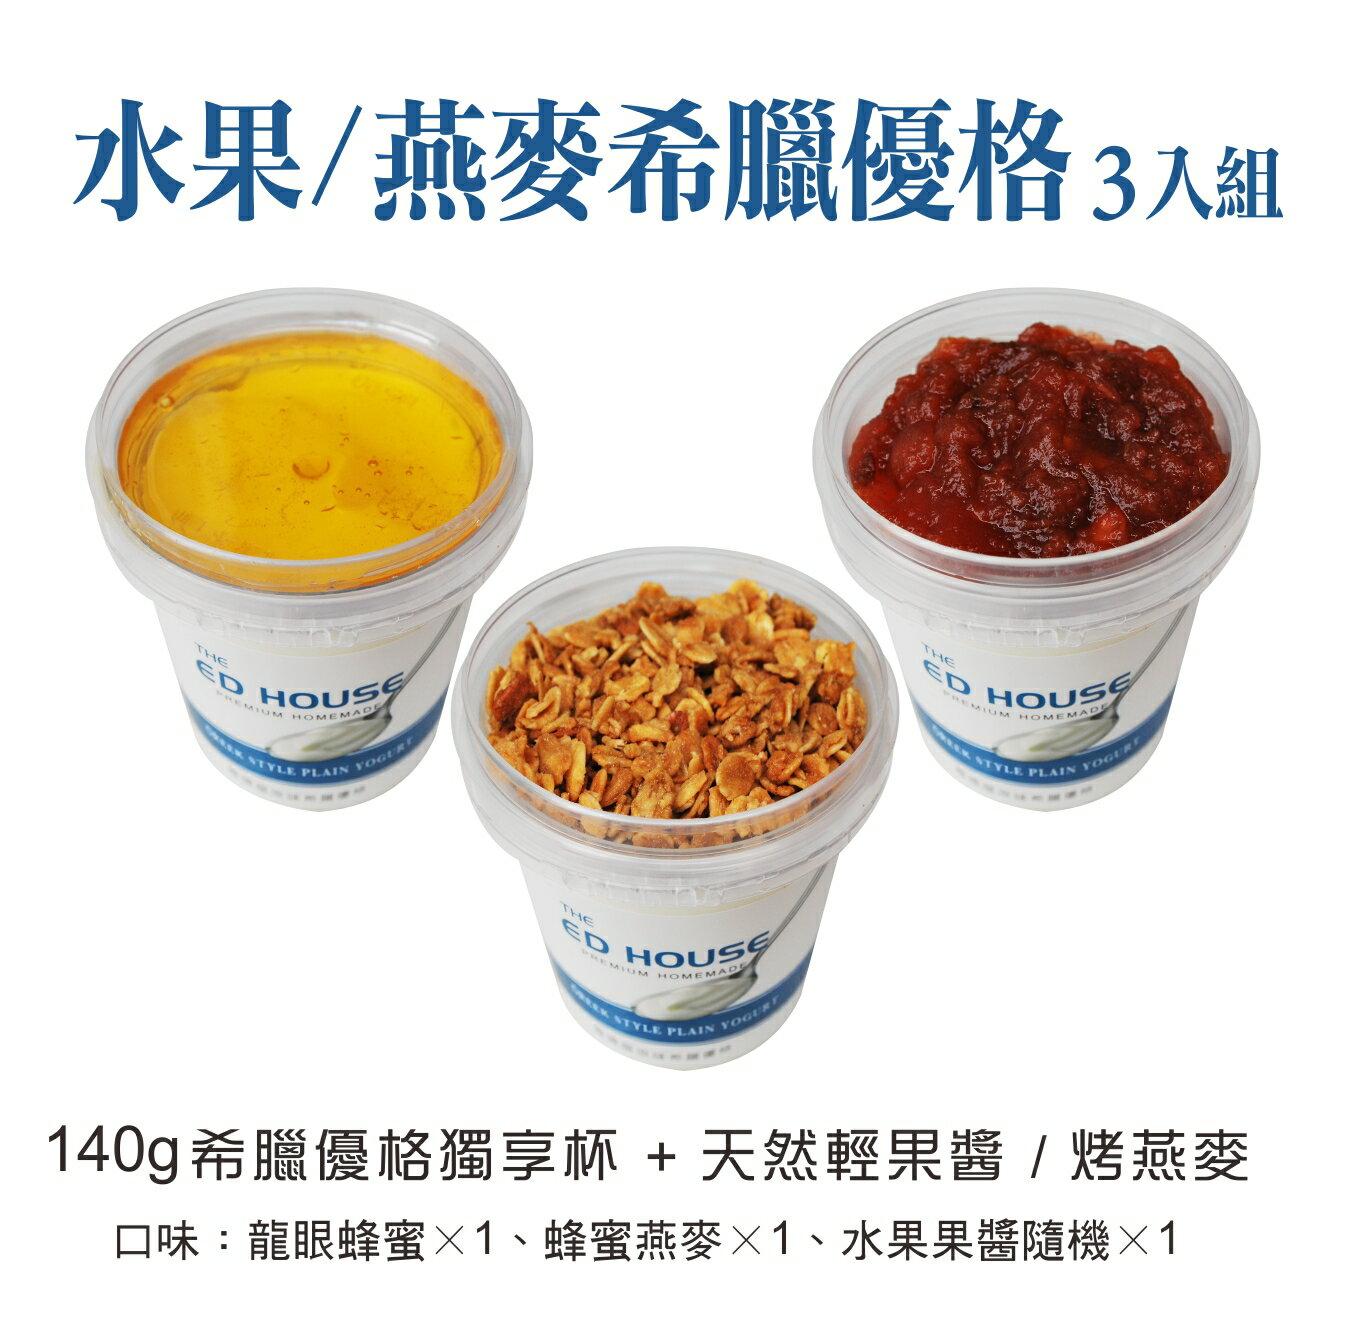 水果/燕麥希臘優格【獨享杯】3杯組 無糖 水切優格 烤麥片 果醬 蜂蜜  健康 腸胃